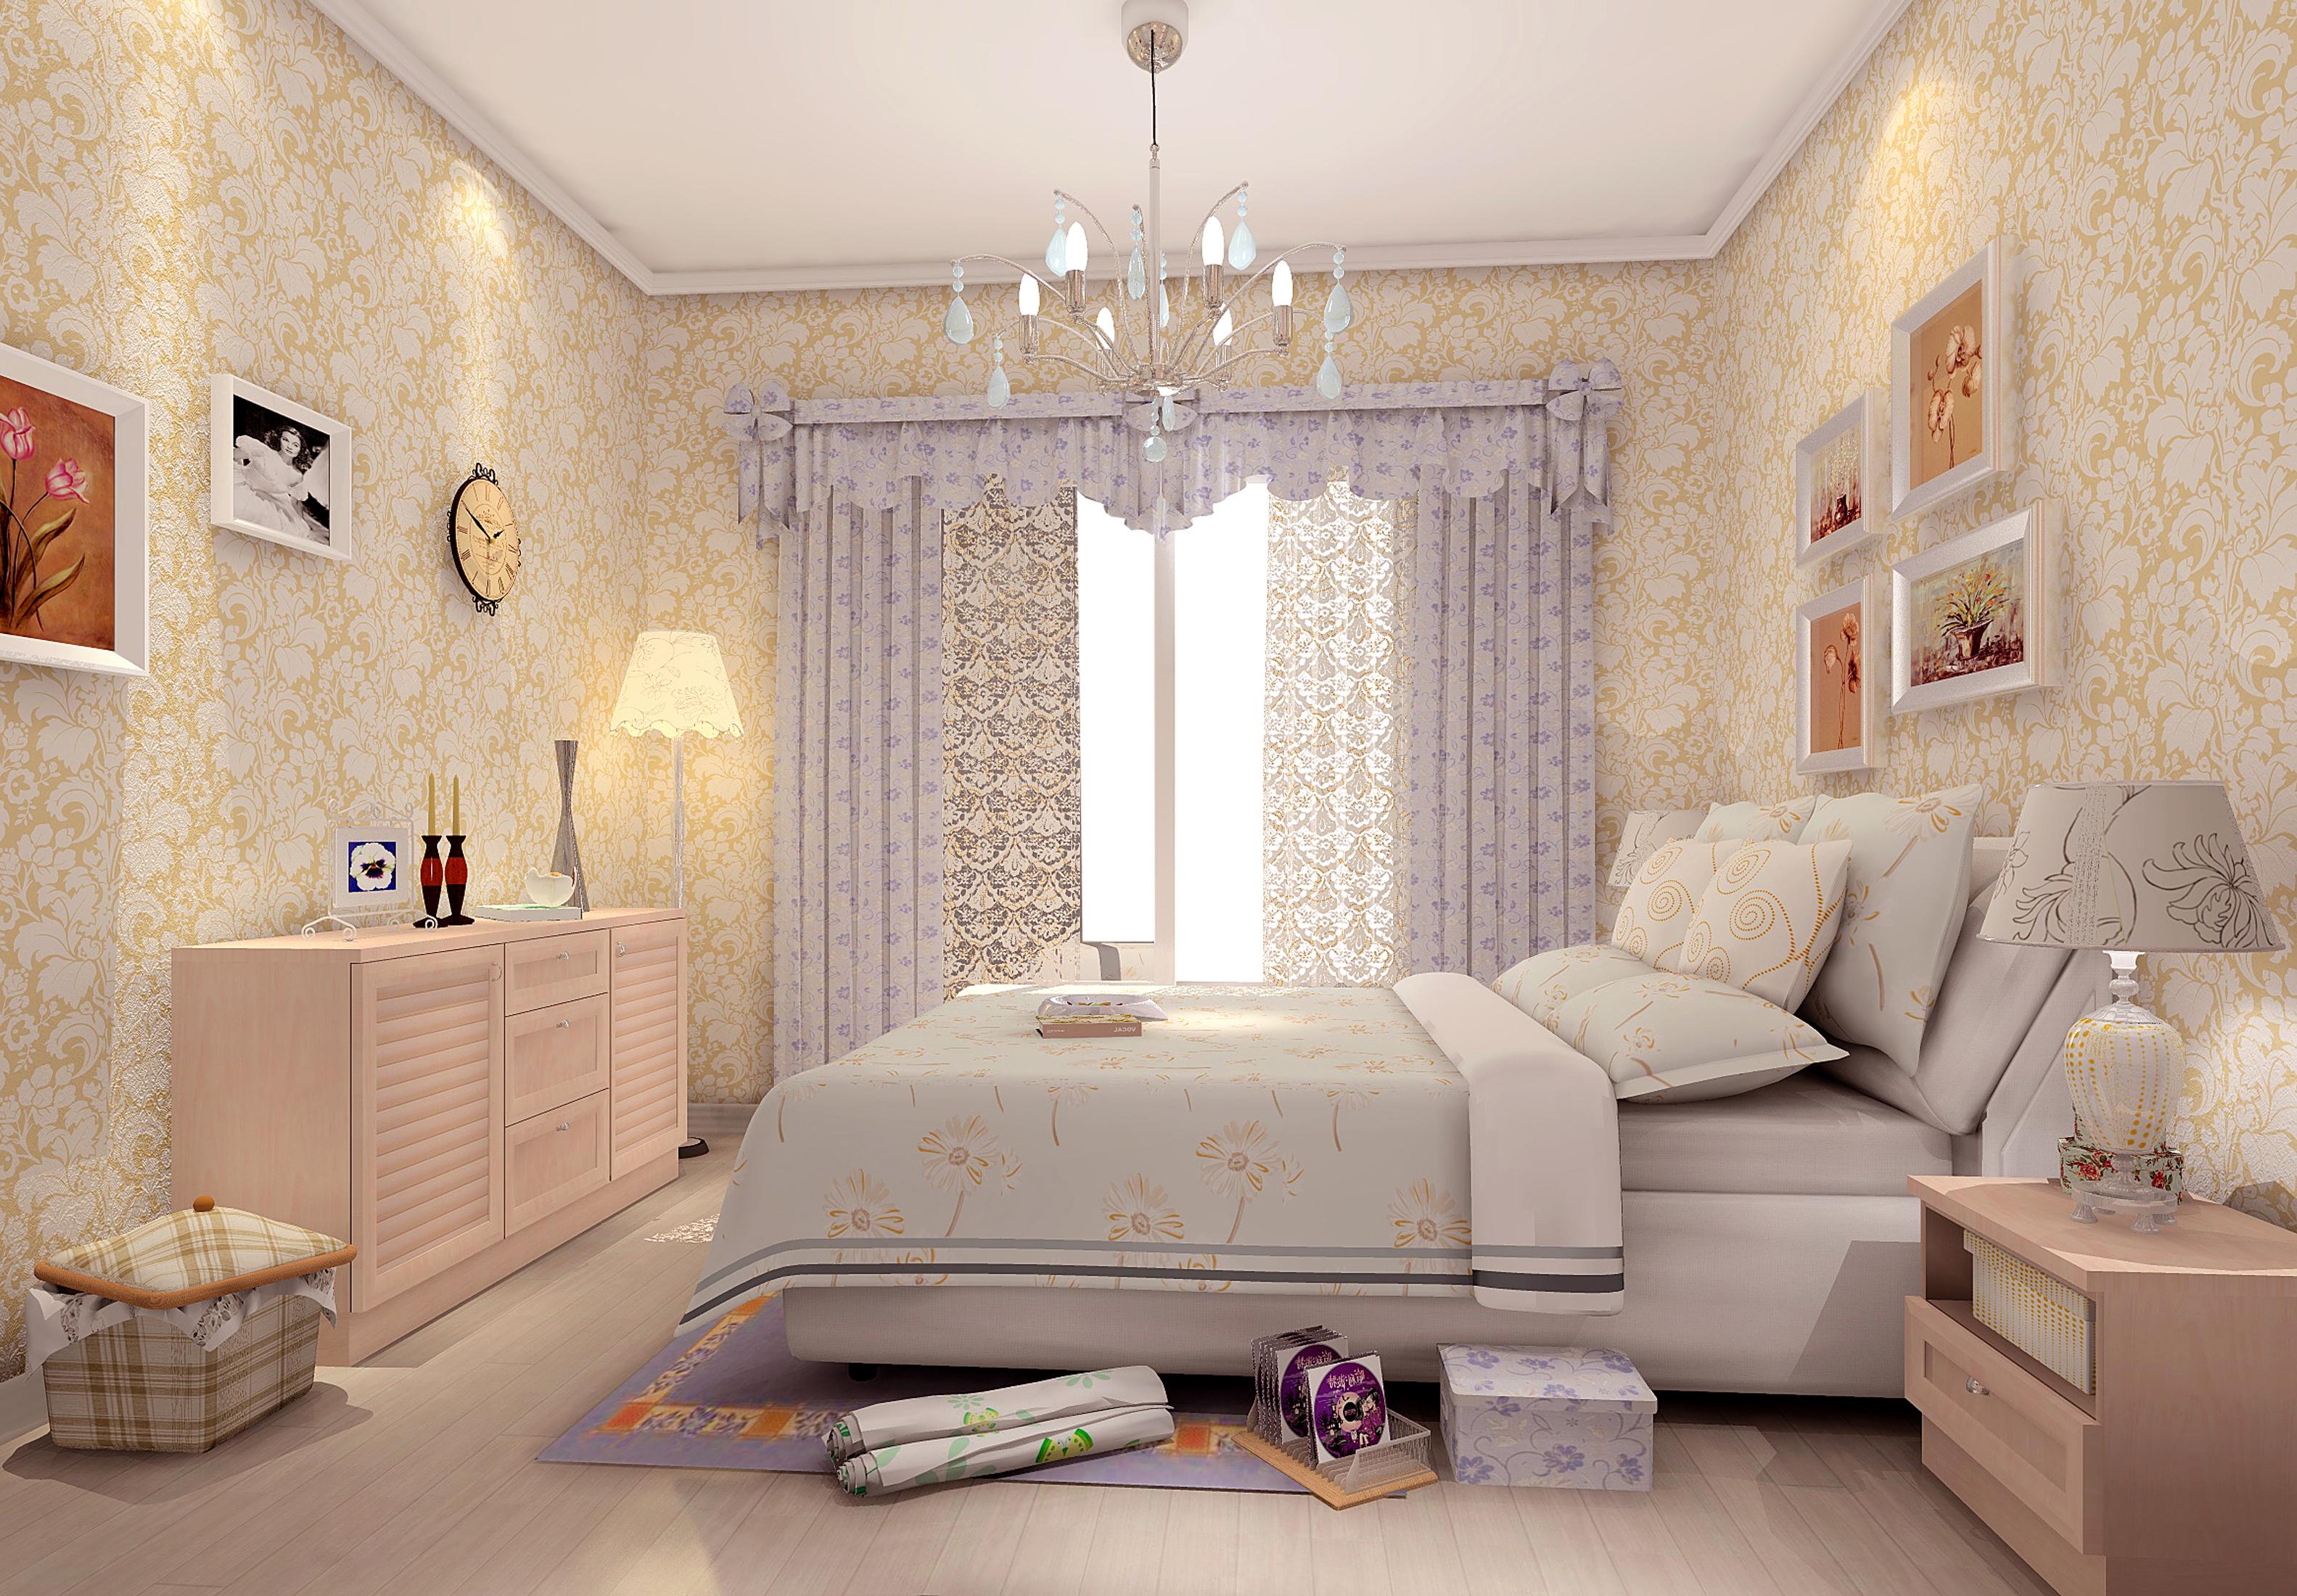 卧室墙壁怎么装修 卧室装修材料选择